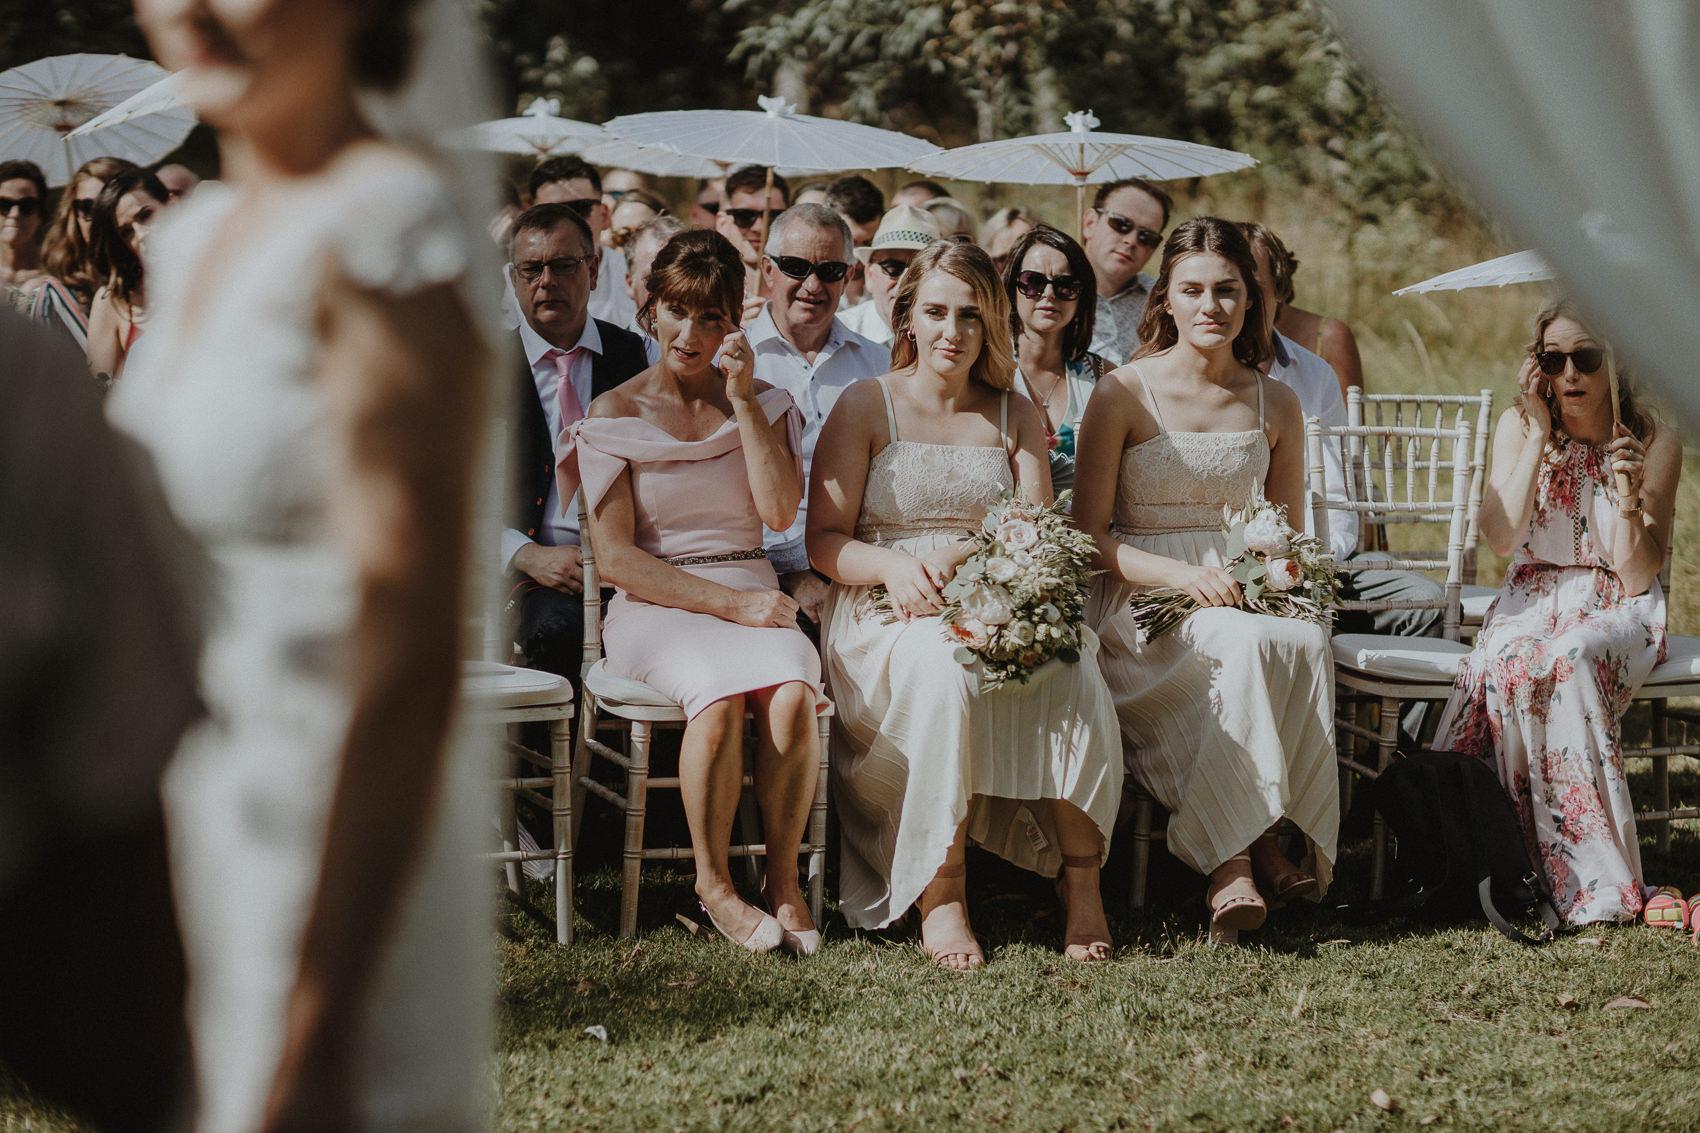 Sarah & Bill | Summer wedding at Cortijo Rosa Blanca | Marbella - Spain 79